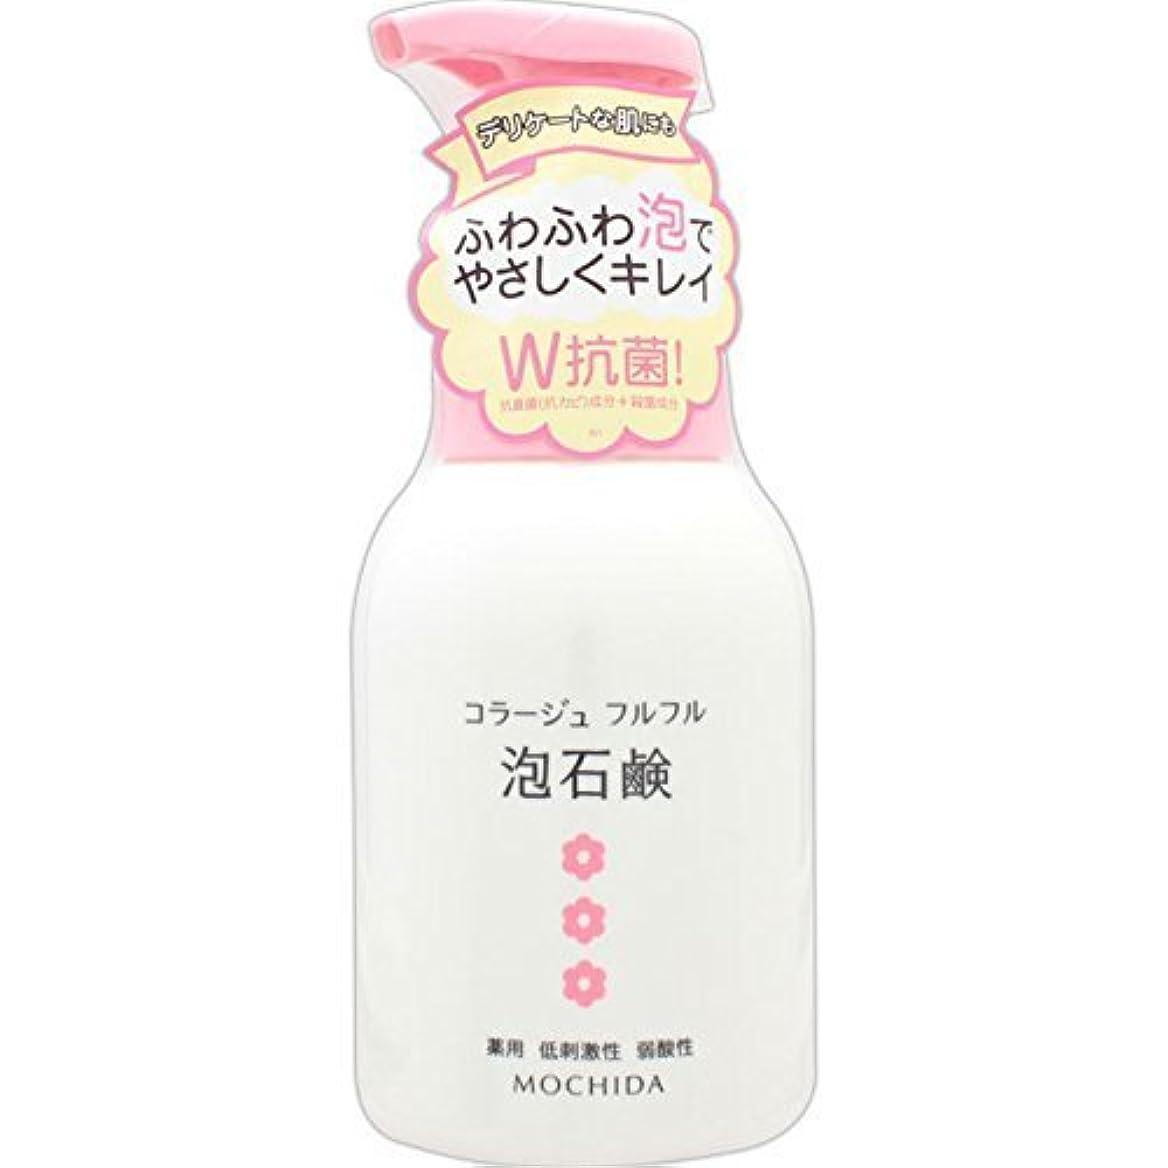 その結果対処するどこでもコラージュフルフル 泡石鹸 ピンク 300m L (医薬部外品) ×4